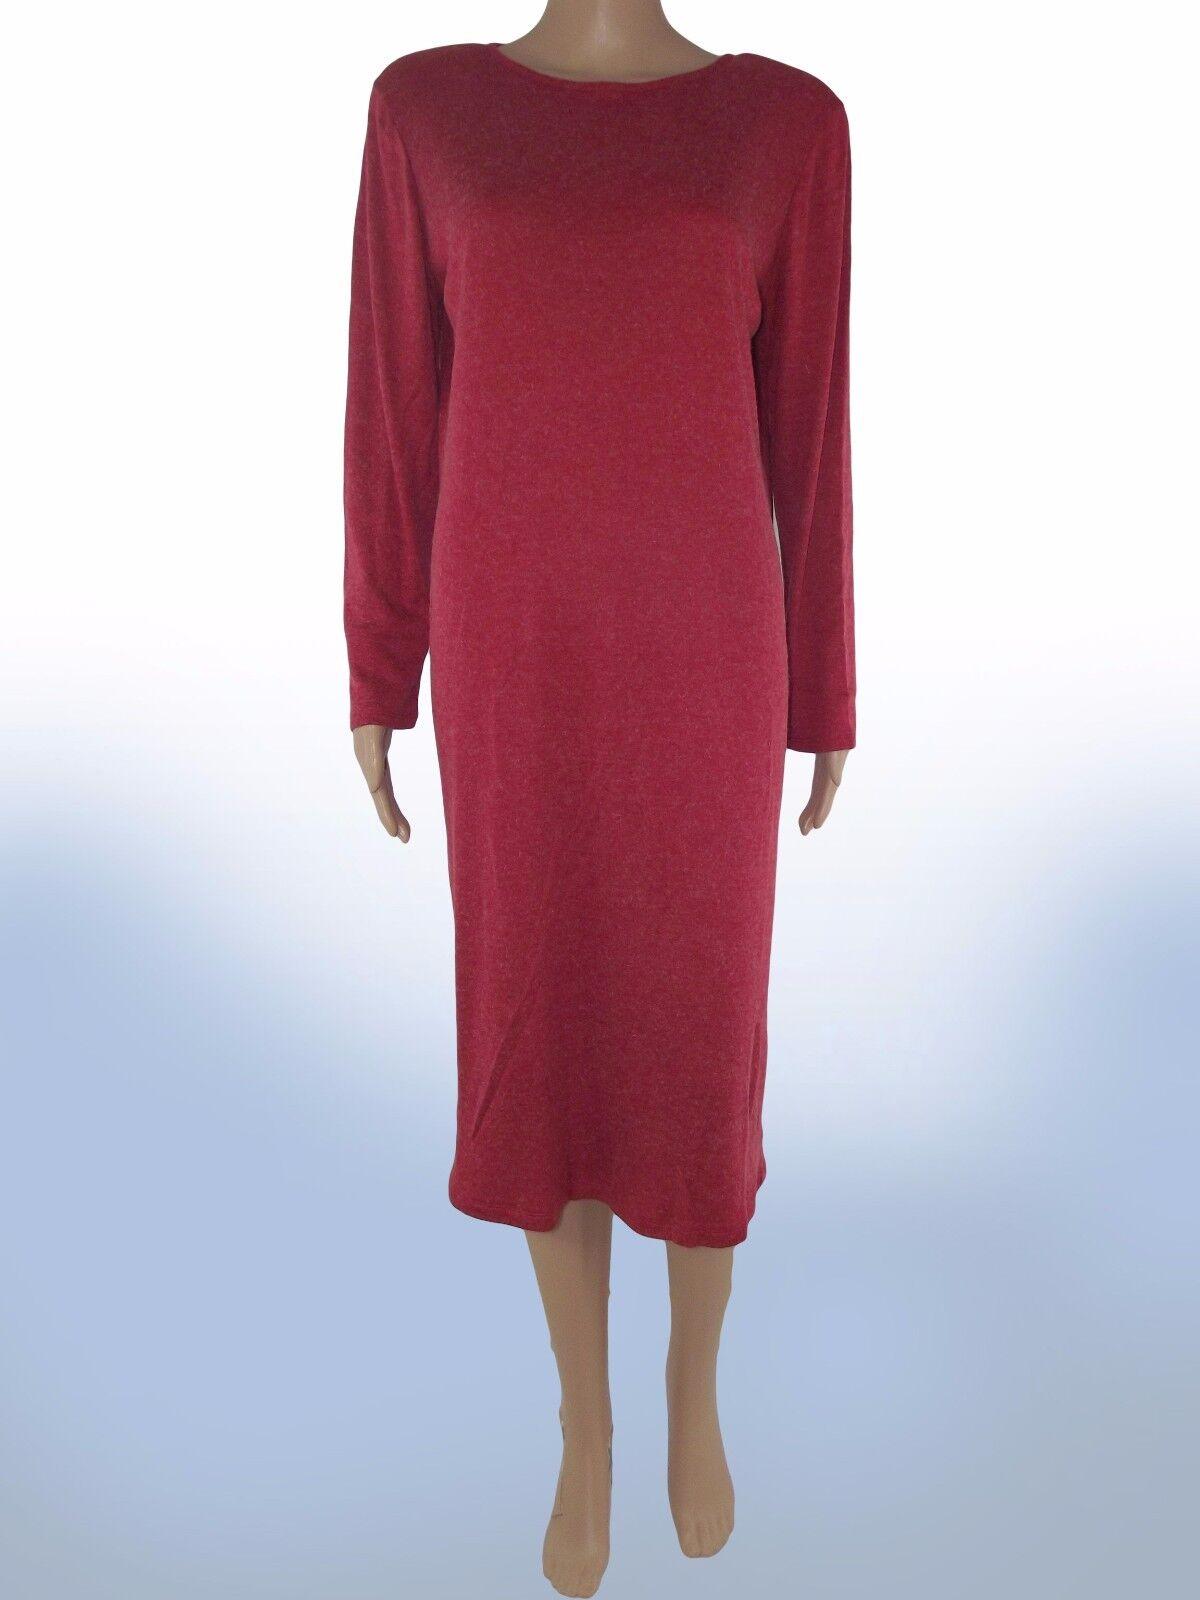 Mariella burani woman dress calf size 49 51 wool mix